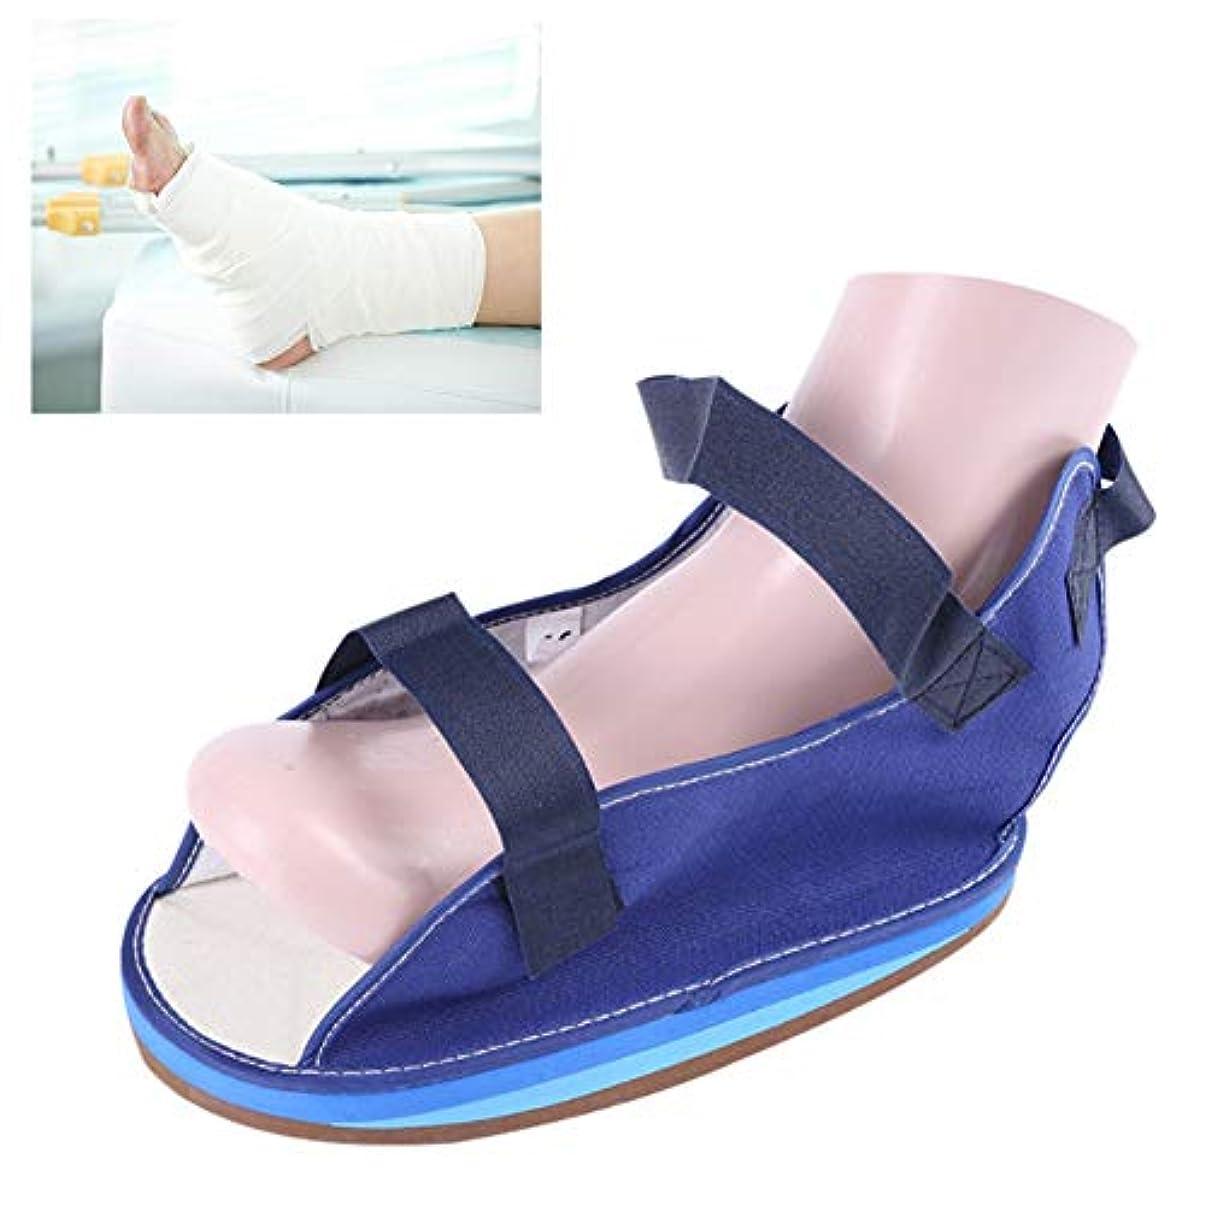 びっくりするどう?愛情深いキャスト医療靴術後歩行ブートヒーリングリハビリ石膏靴外科的骨折足用靴,30cm2pcs